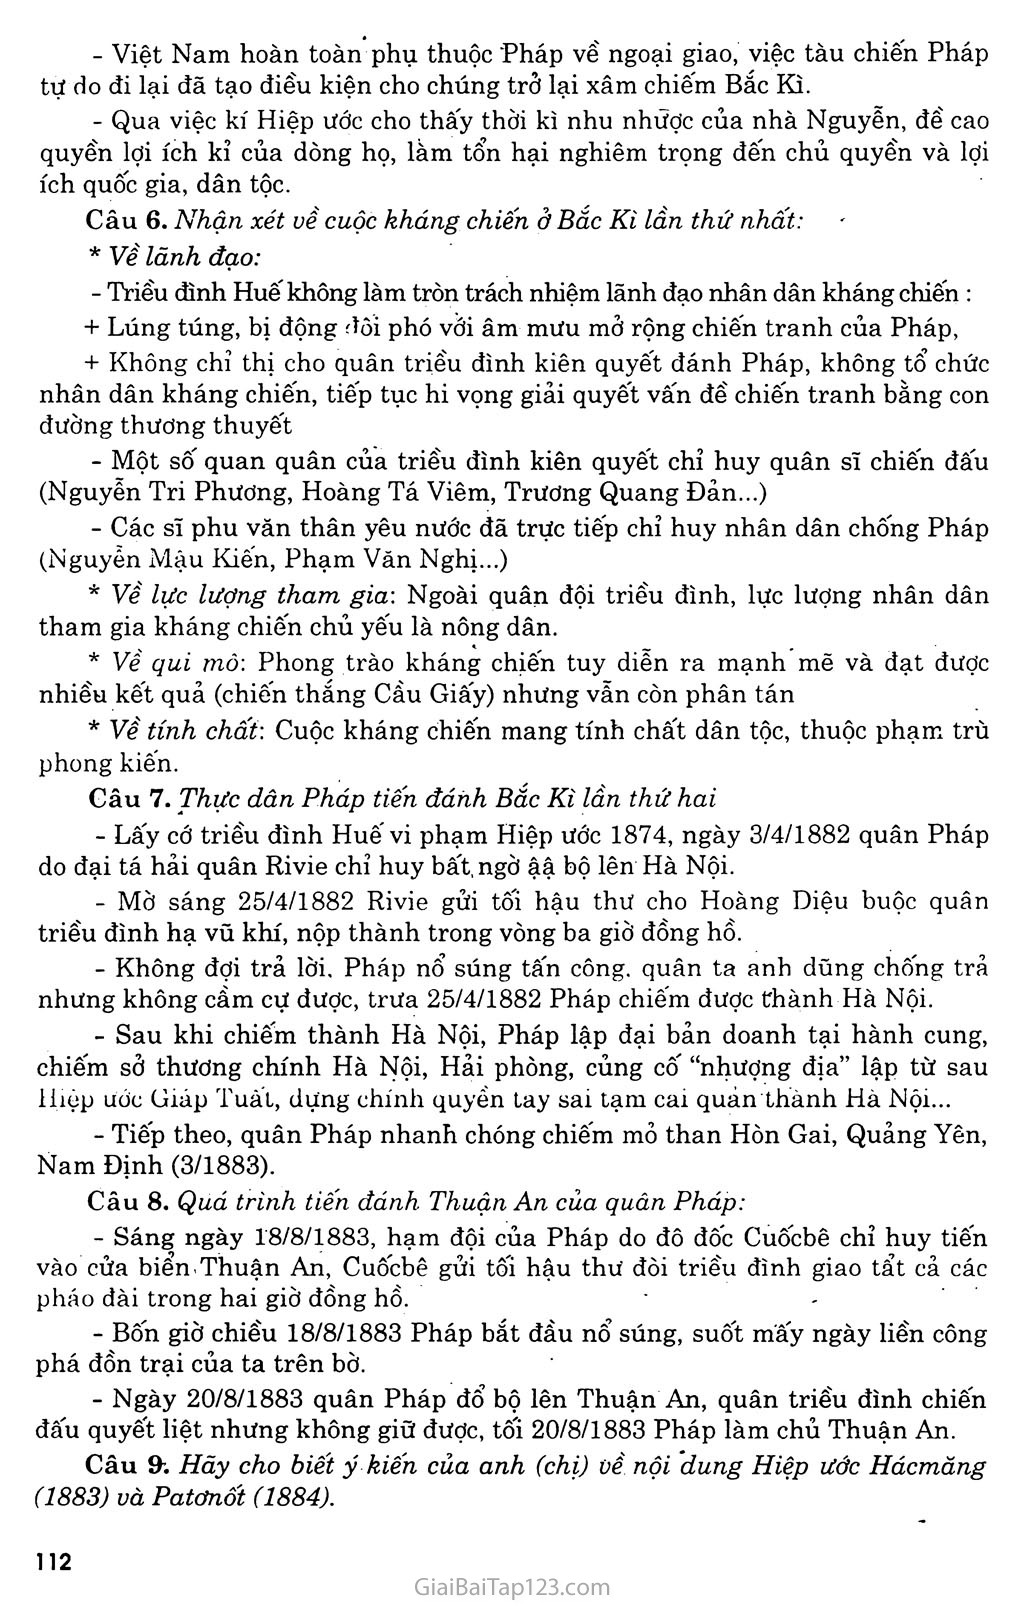 Bài 20: Chiến sự lan rộng ra cả nước: Cuộc kháng chiến của nhân dân ta từ năm 1873 đến năm 1884: Nhà Nguyễn đầu hàng trang 7